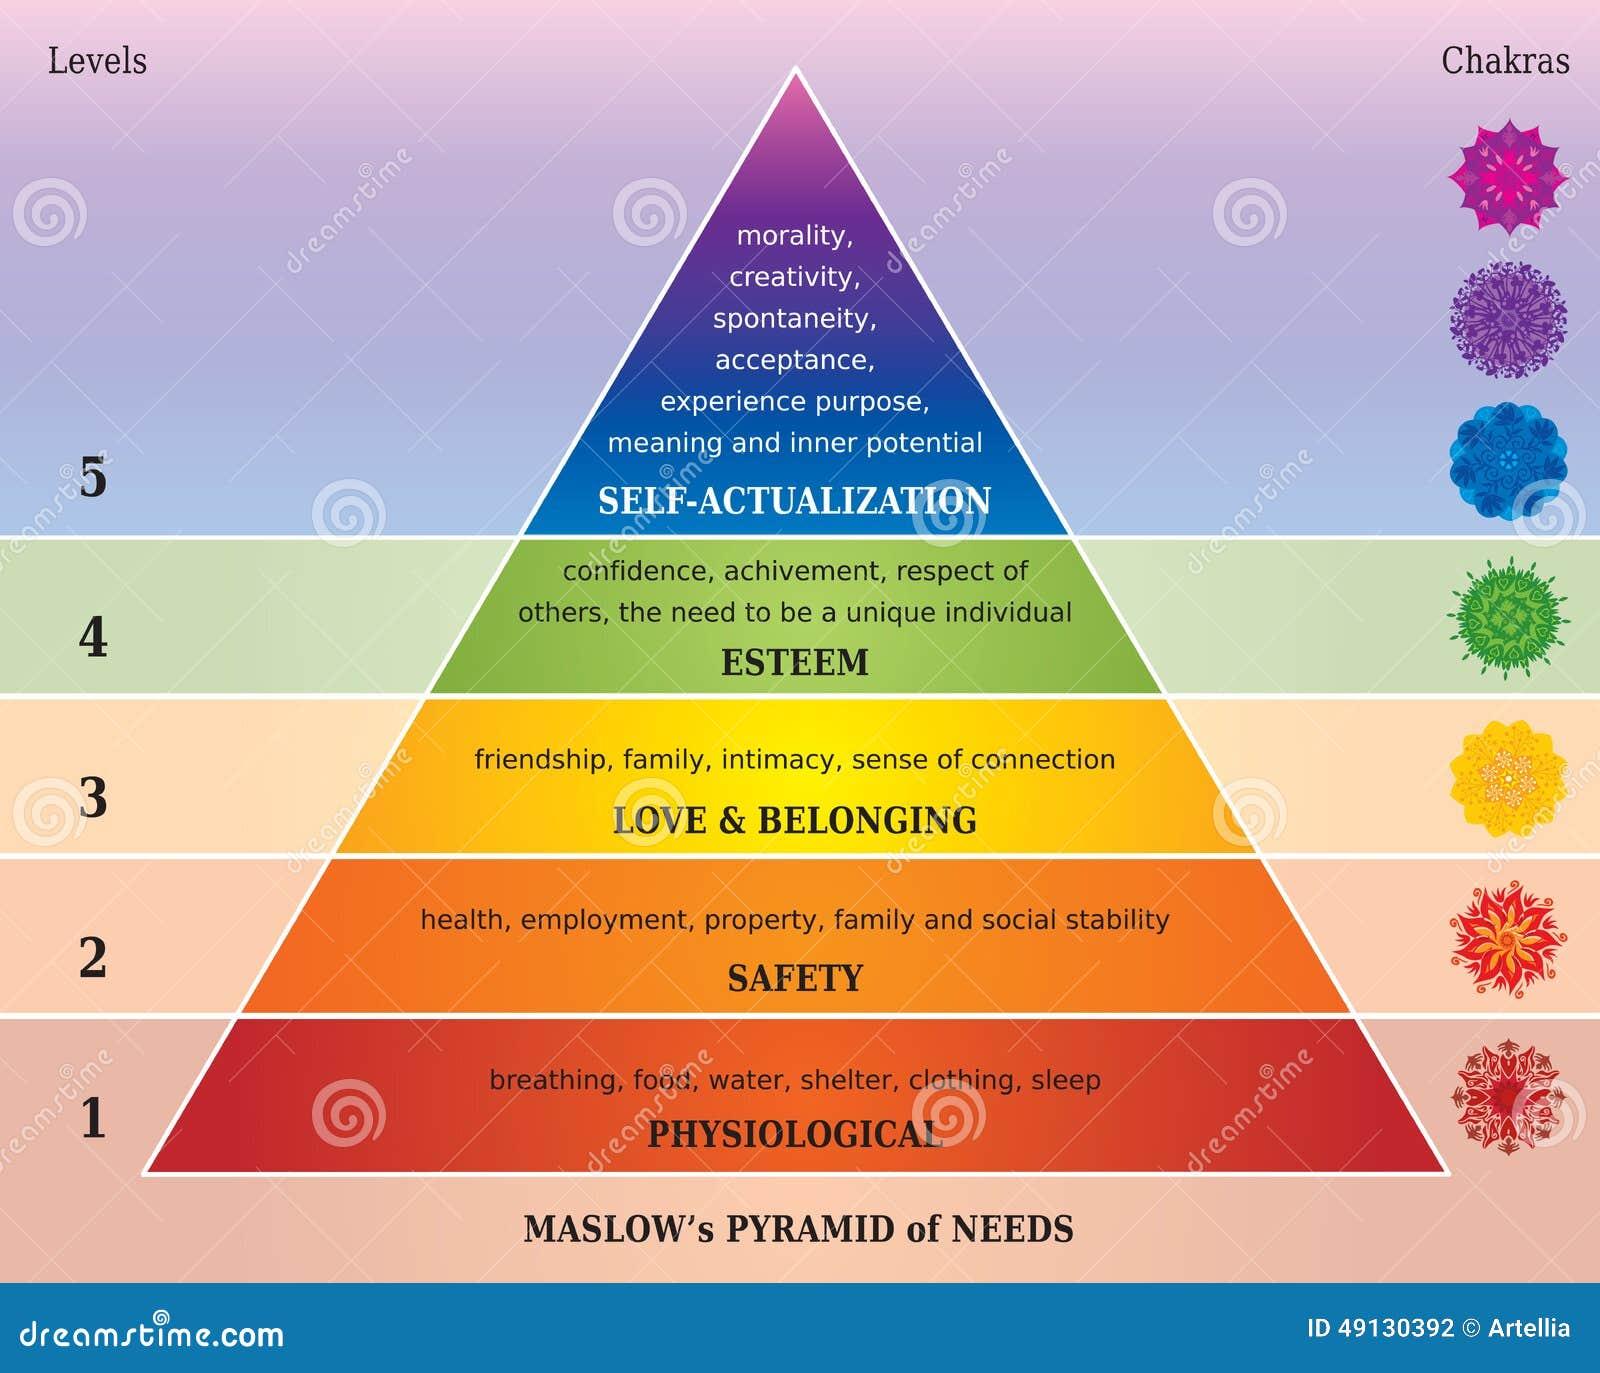 Maslows pyramid av behov - diagram med Chakras i regnbågefärger